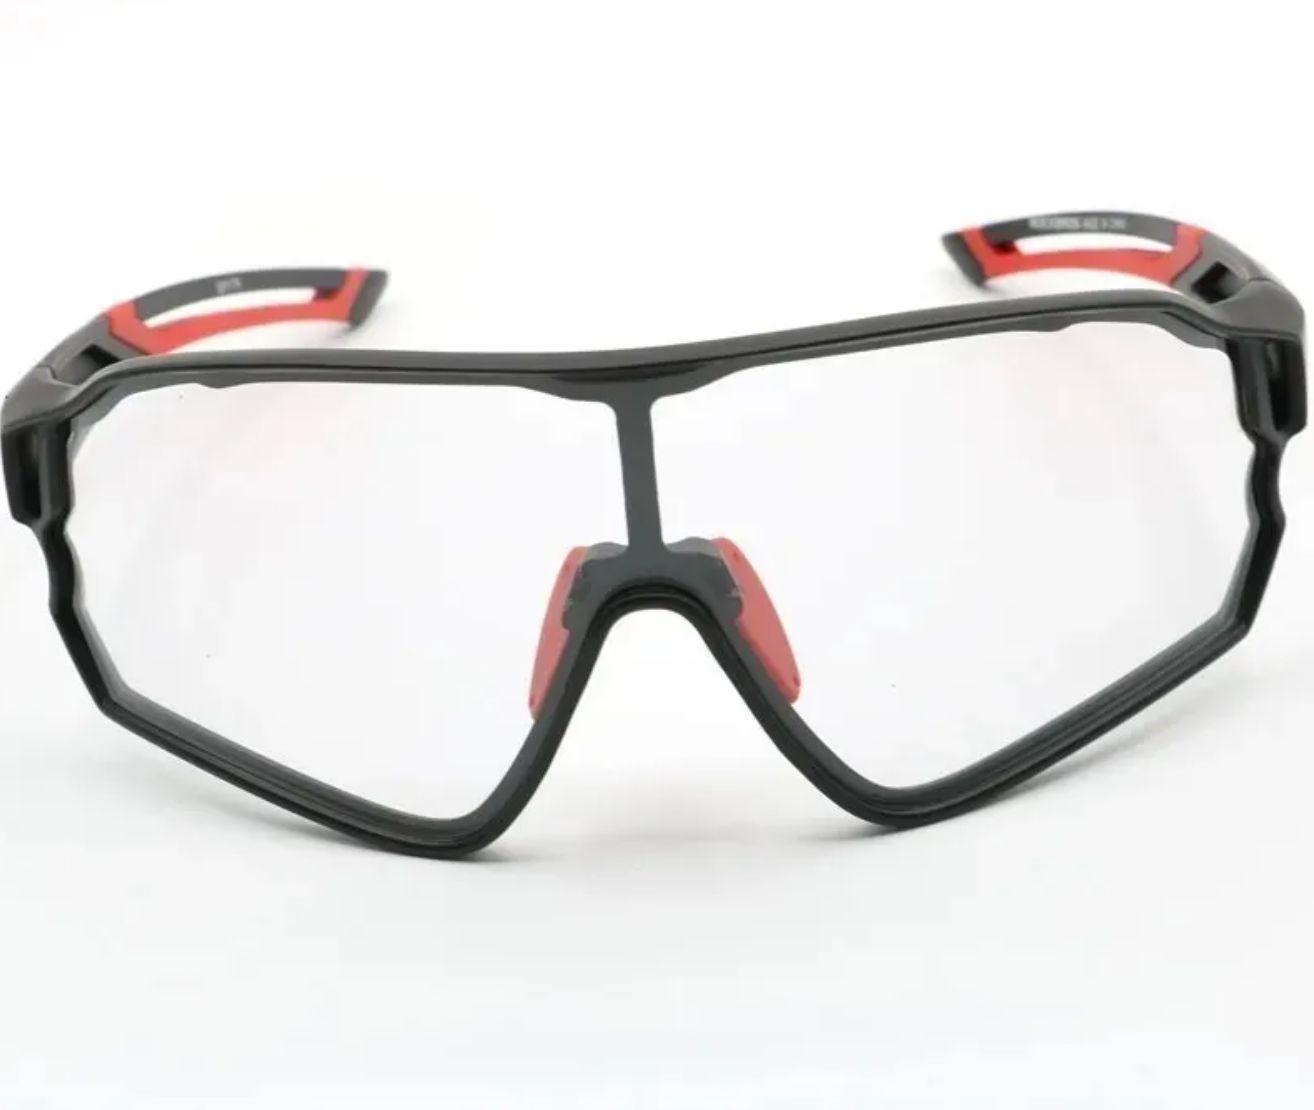 Óculos Ciclismo Rockbros Lente Fotocromática + Clip Grau